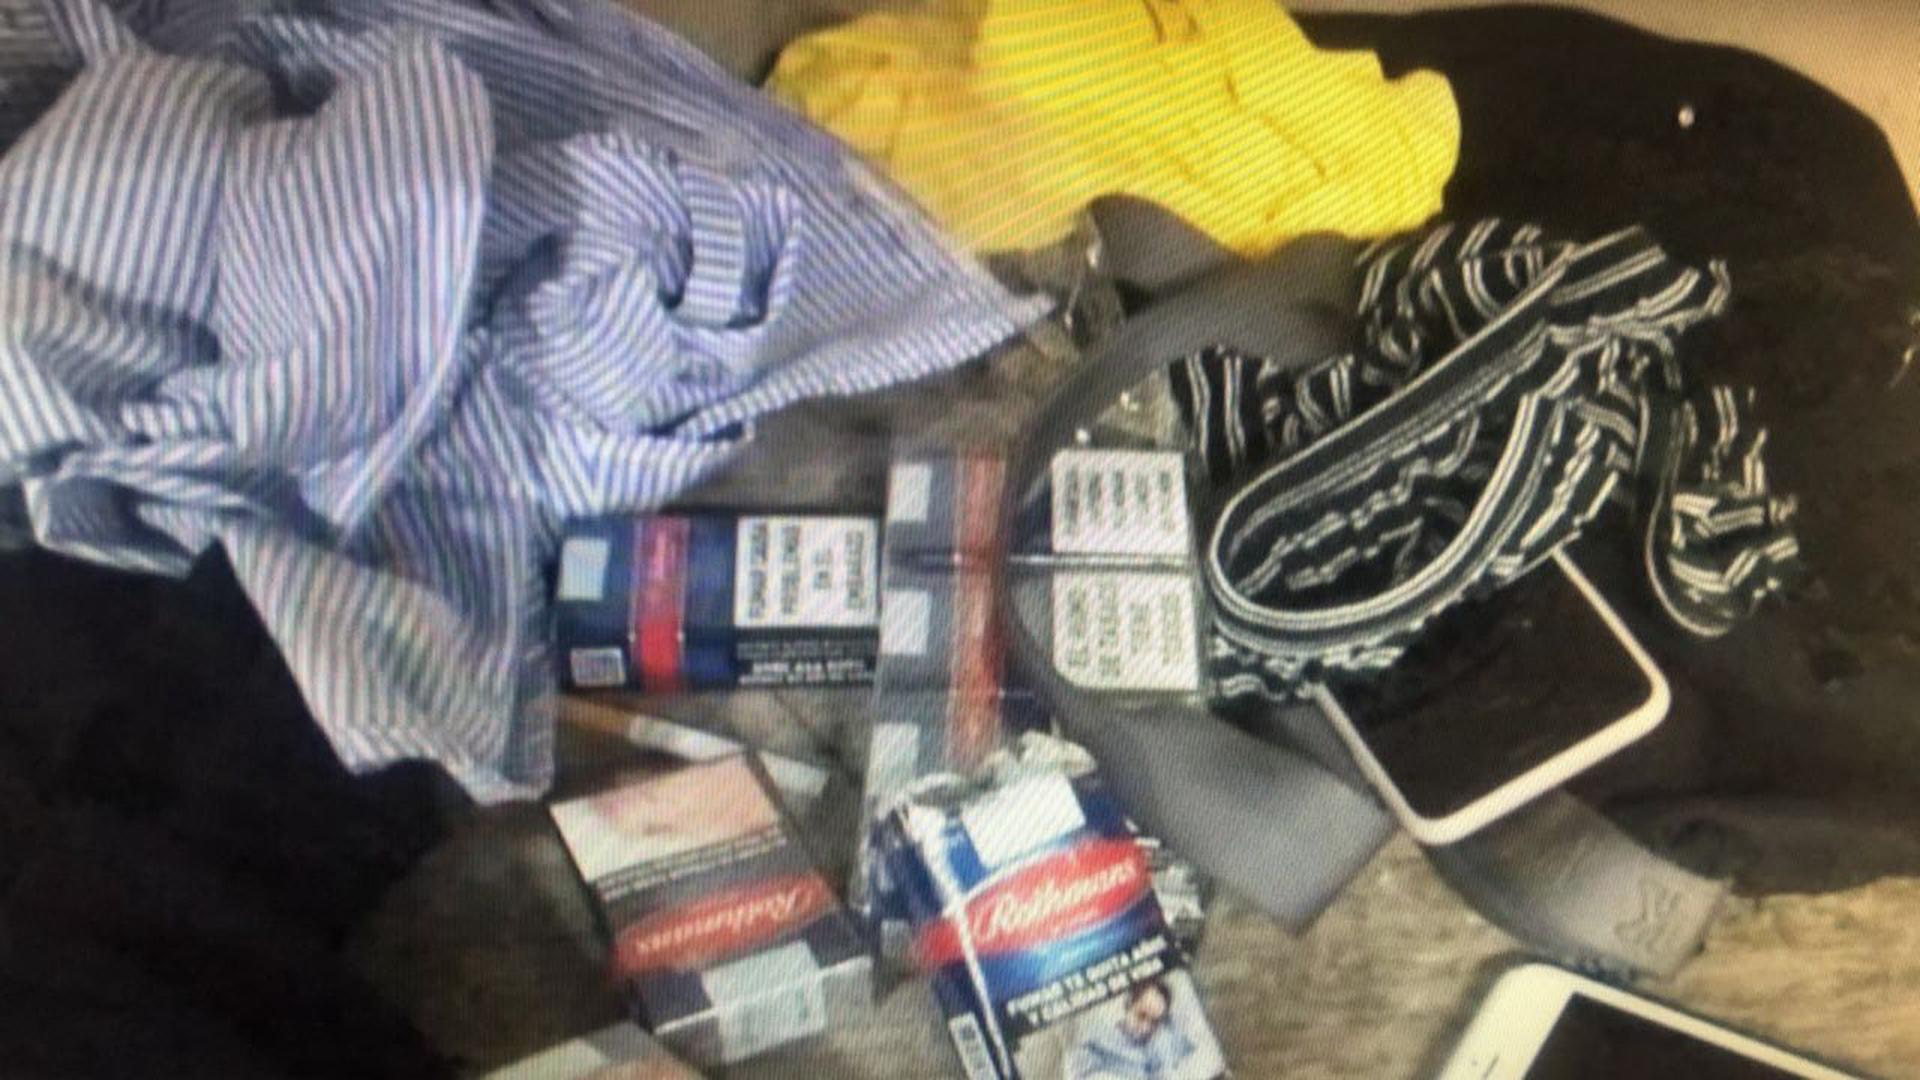 Entre el material robado había ropa, mallas, fundas de celulares y hasta cigarrillos (Telpin TV)